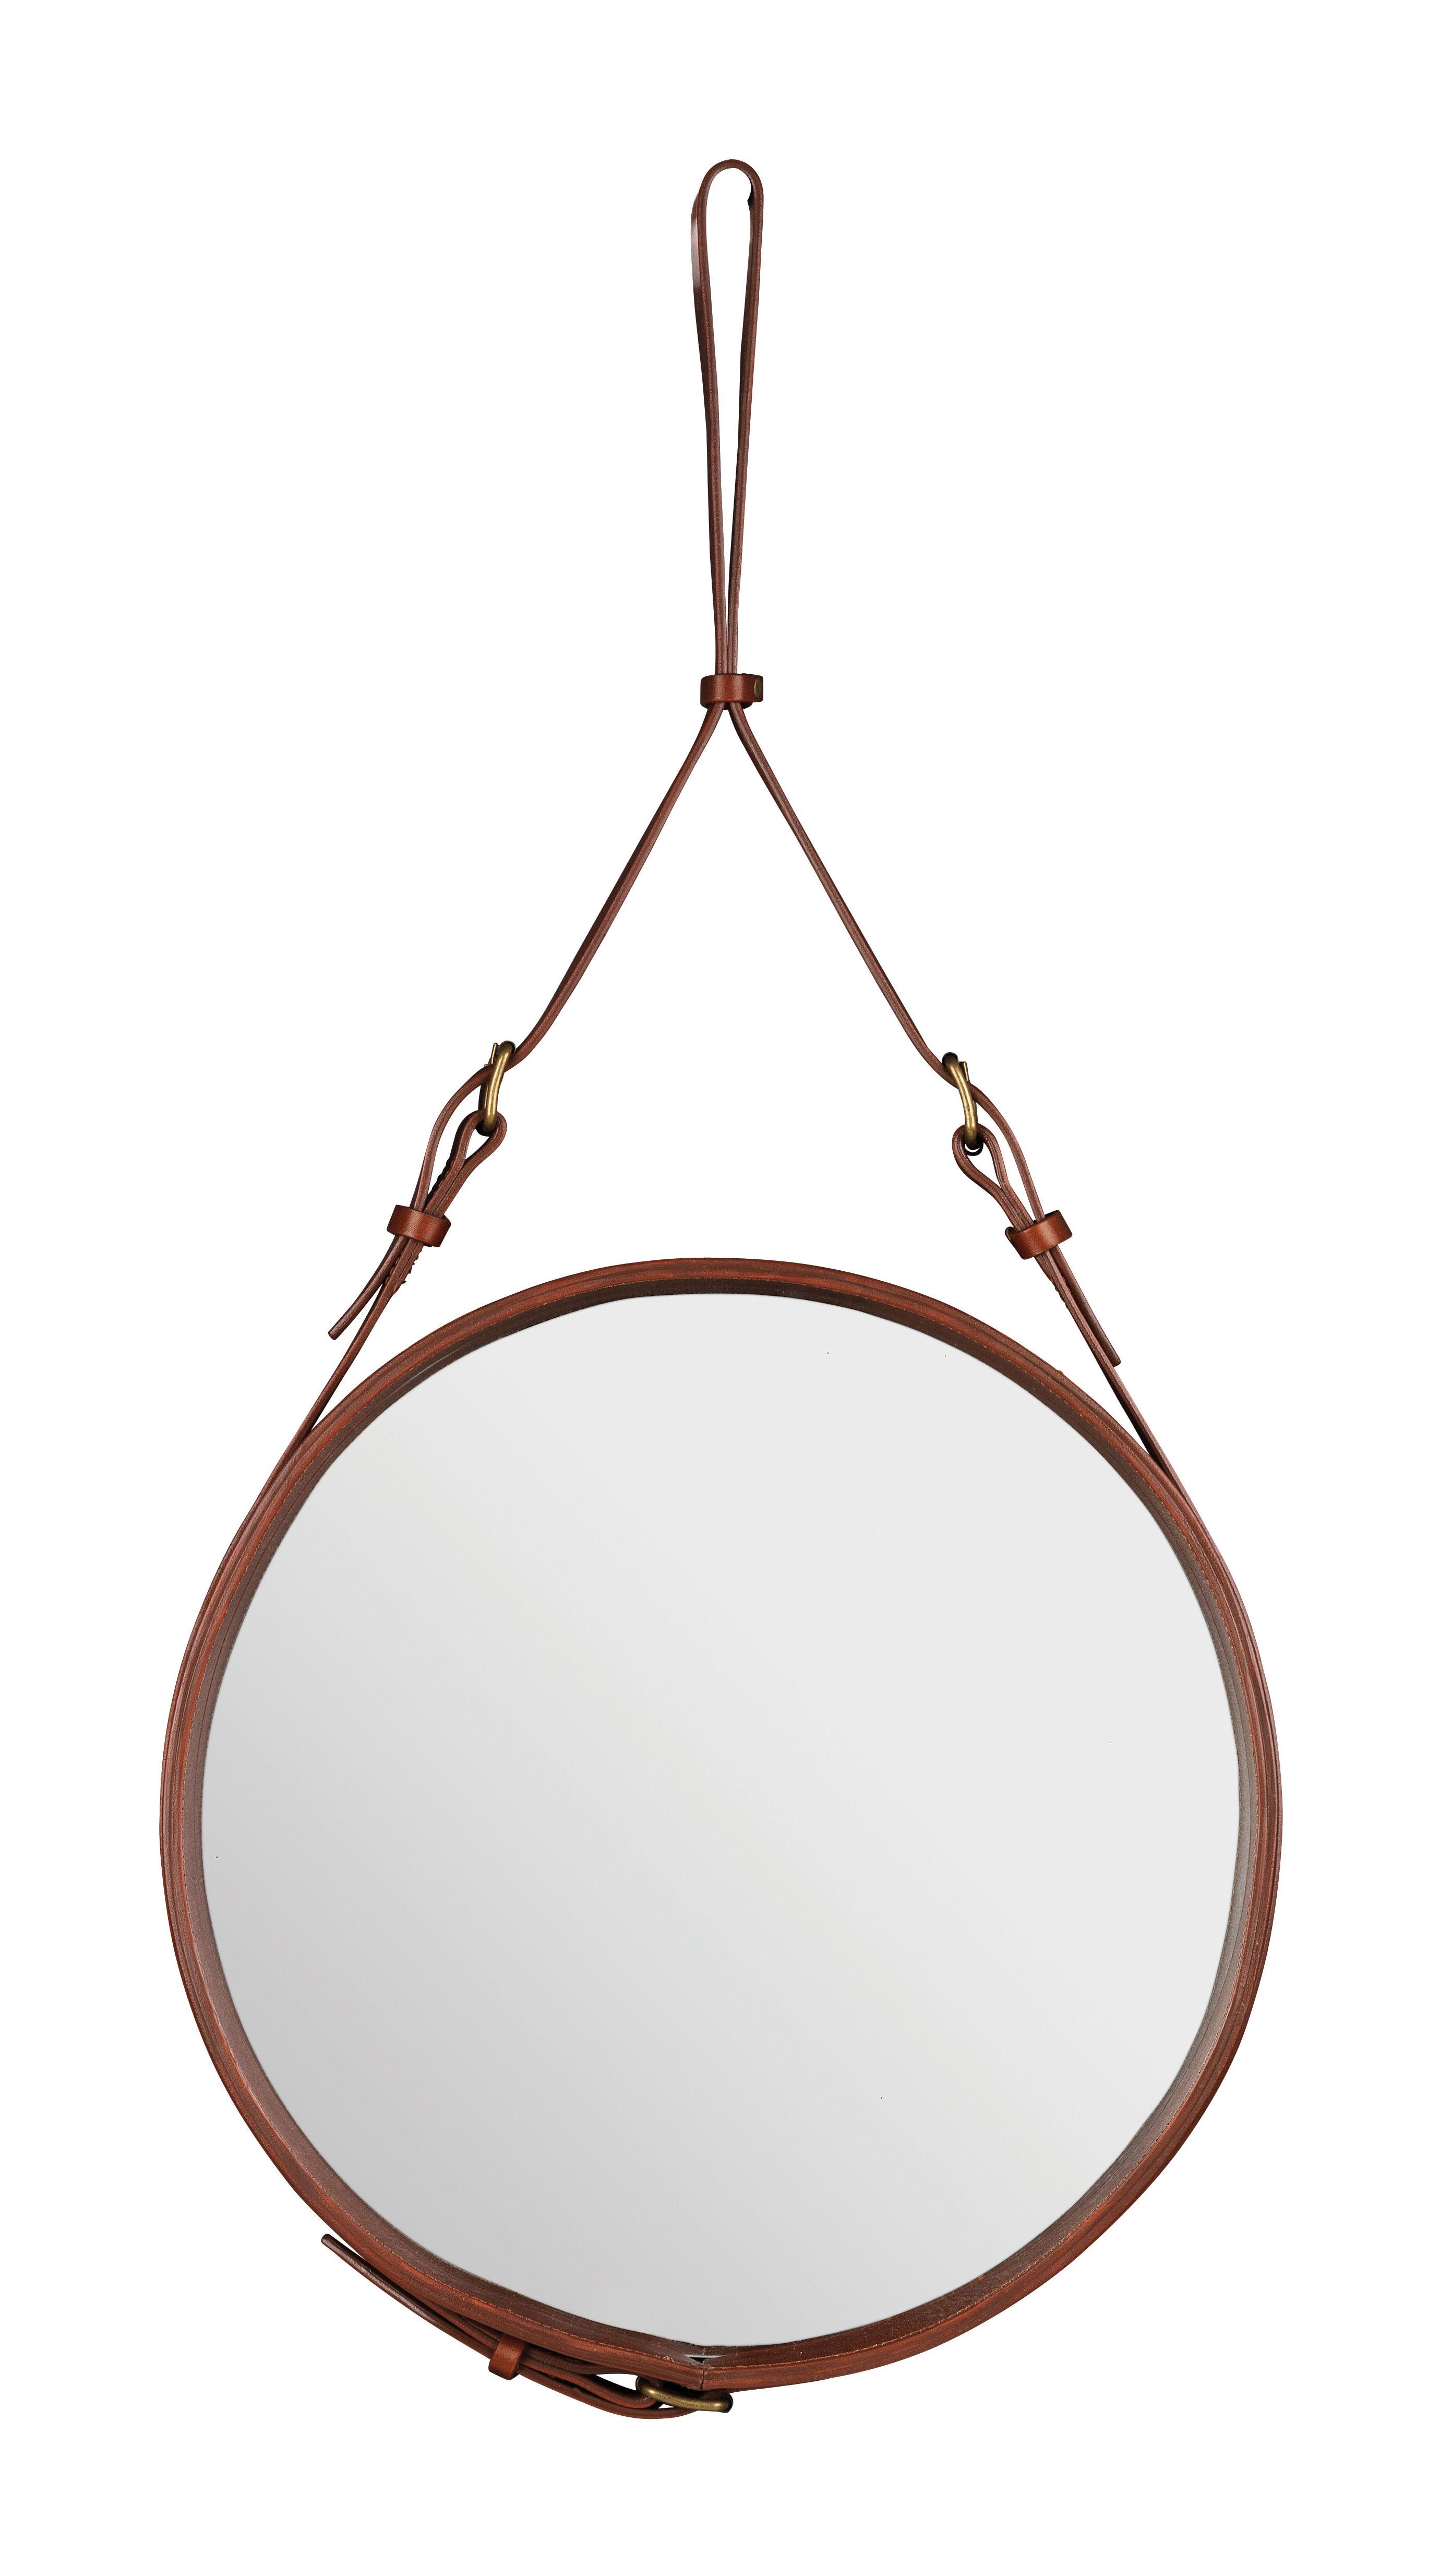 Arredamento - Specchi - Specchio murale Adnet - Ø 45 cm di Gubi - Marrone - Pelle